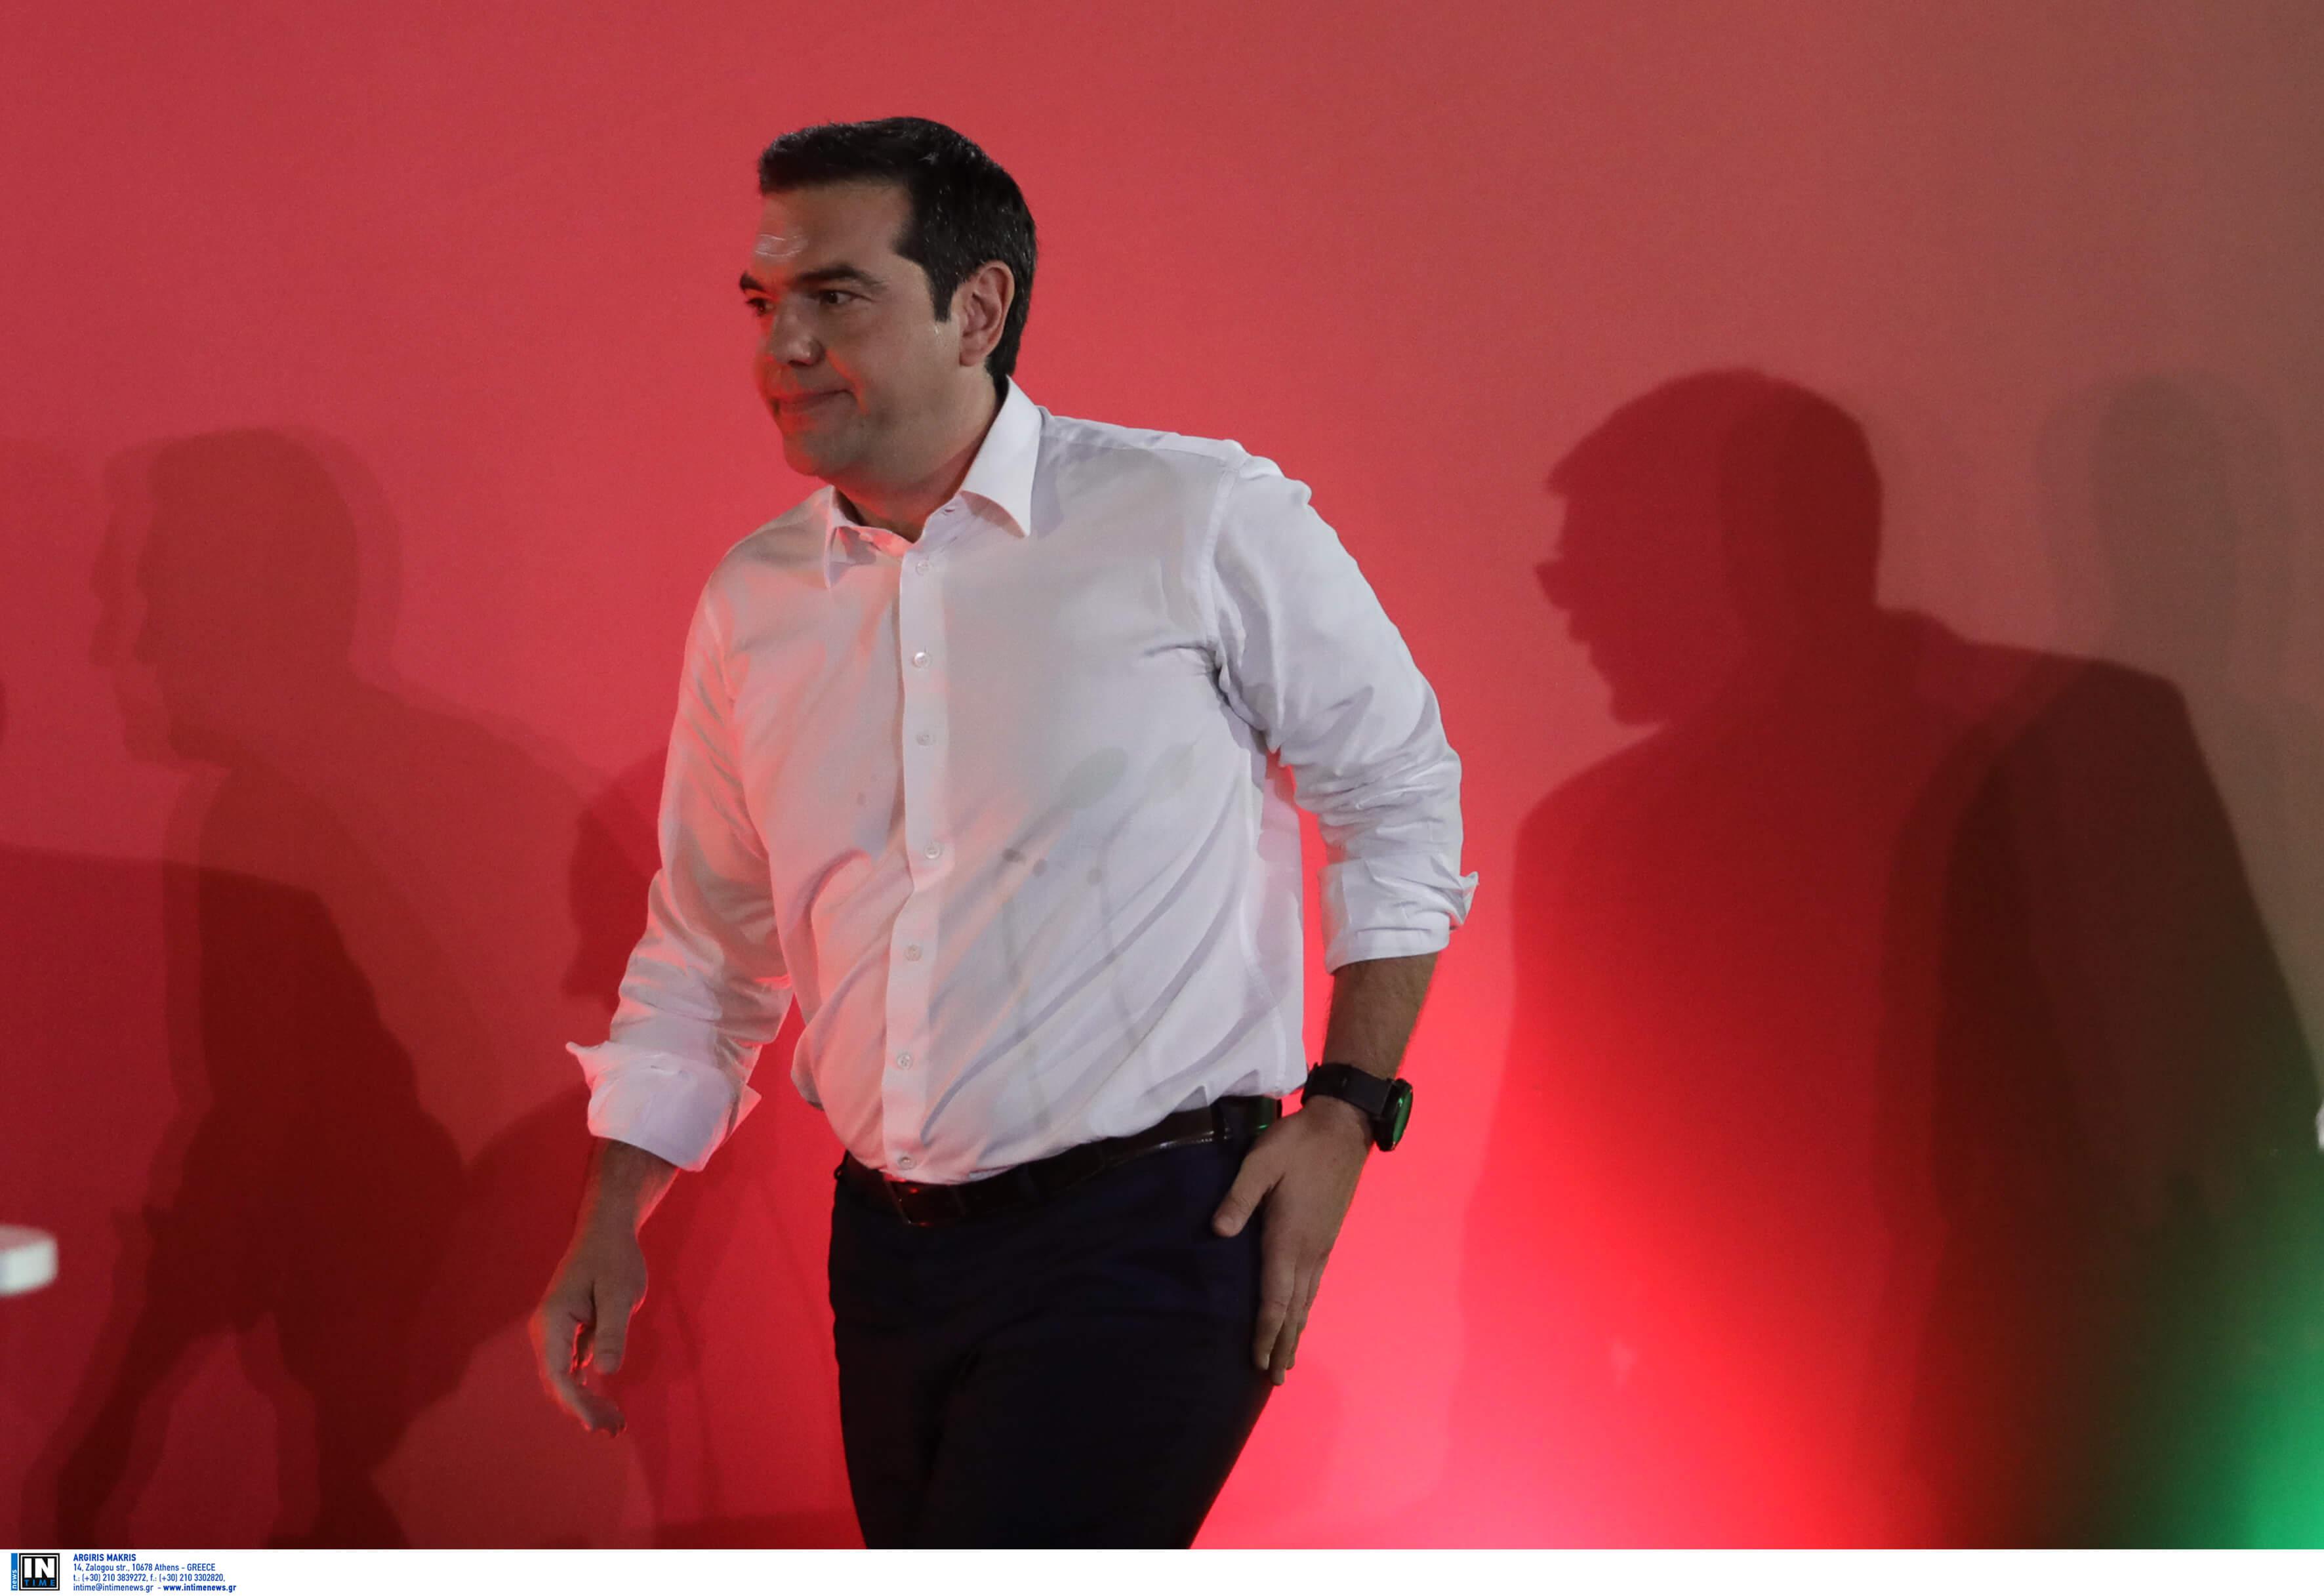 """Εκλογές 2019 – Ώρα ανακοινώσεων στον ΣΥΡΙΖΑ! """"Κλείδωσαν"""" τα ψηφοδέλτια – Όλα τα ονόματα"""